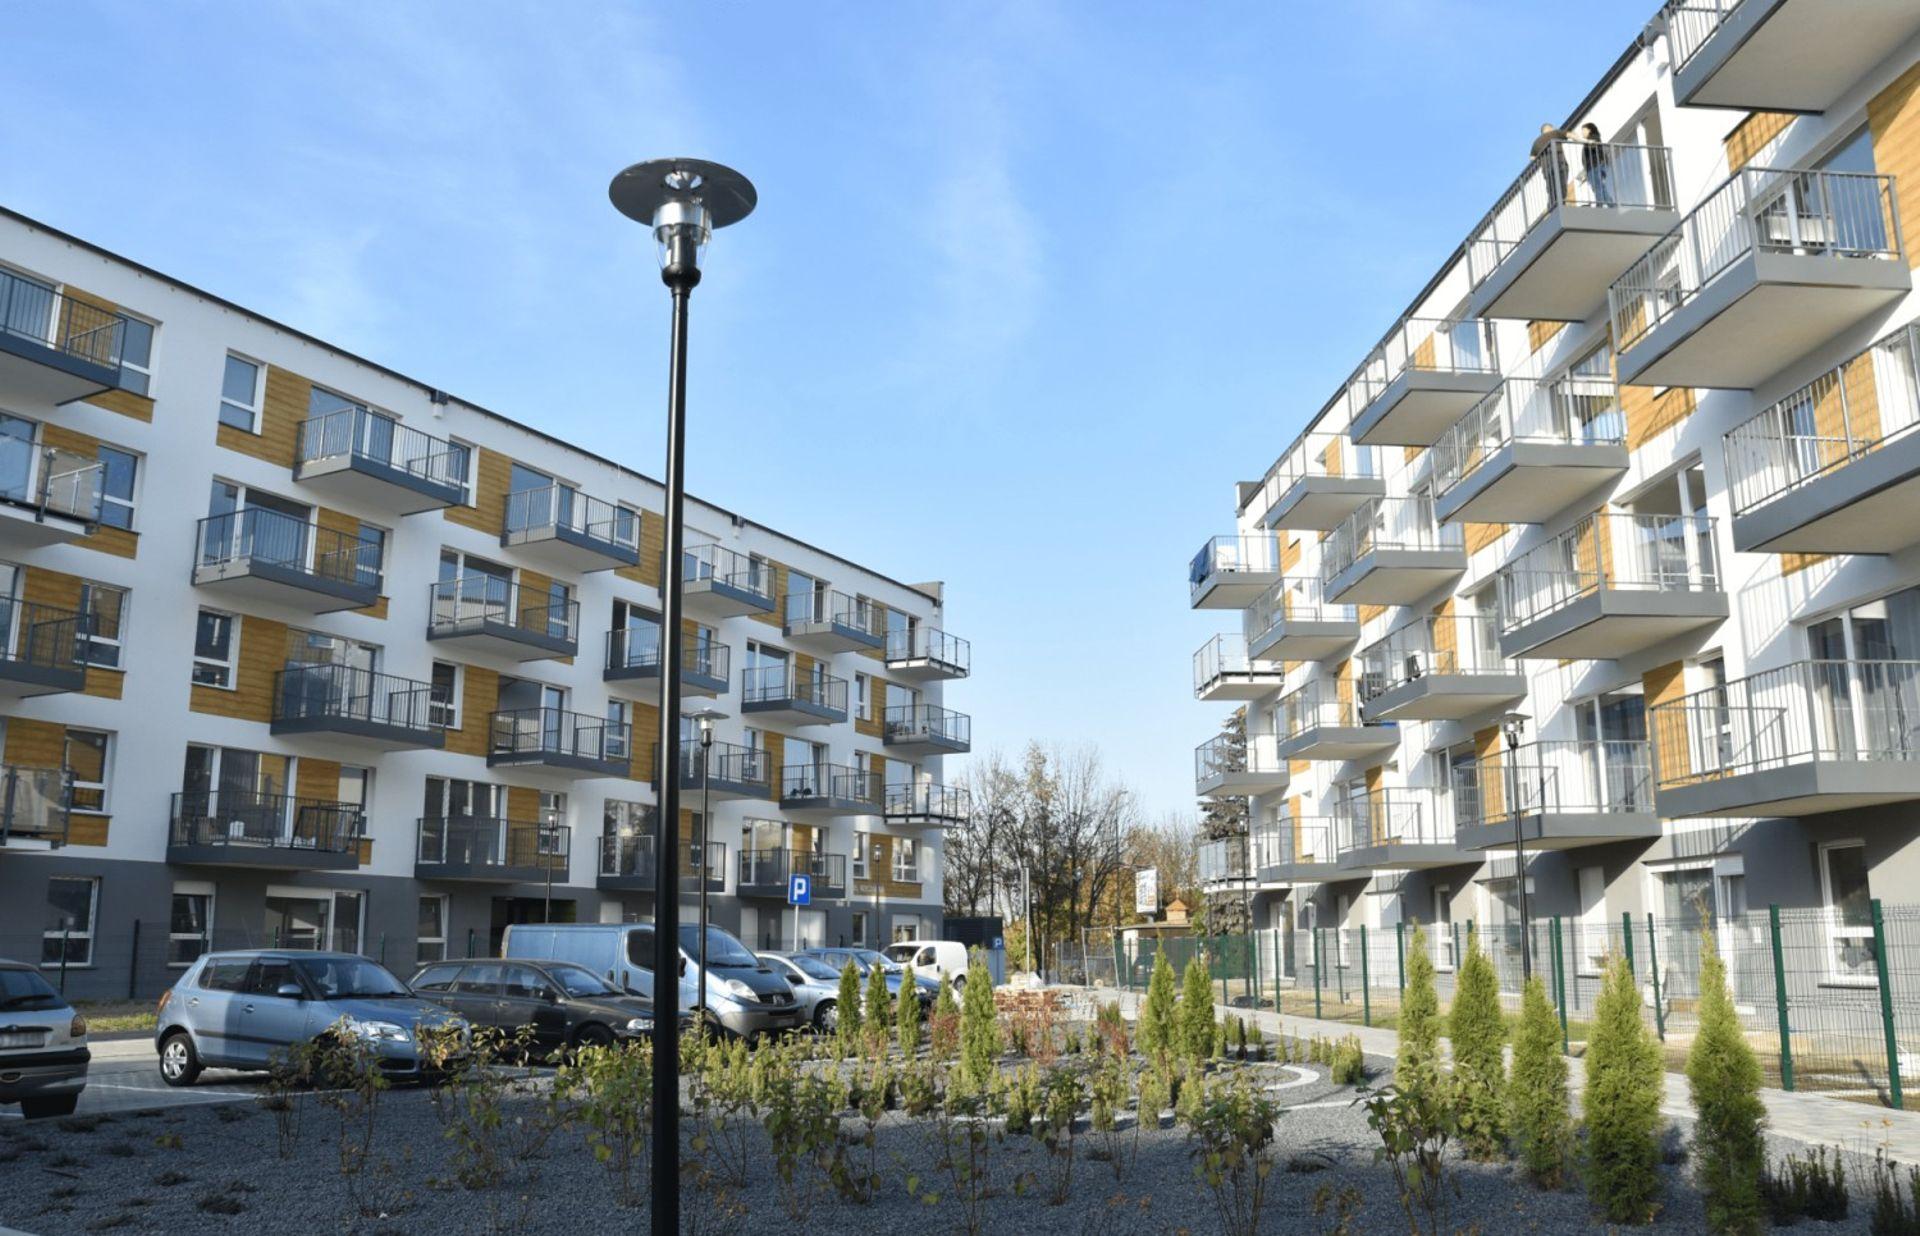 [Poznań] Trzy budynki osiedla Nowe Żegrze w Poznaniu gotowe